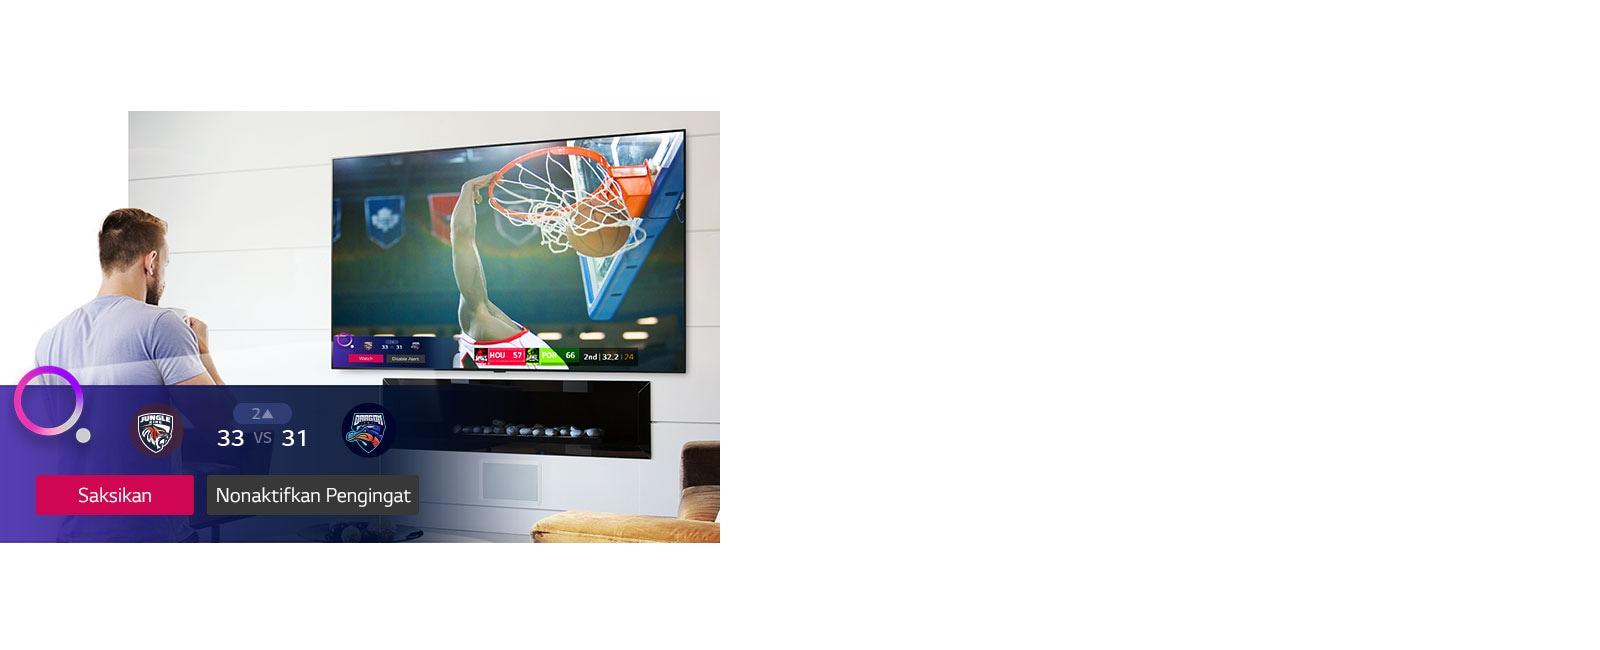 Layar TV menyaksikan adegan pertandingan basket dengan Sports Alert